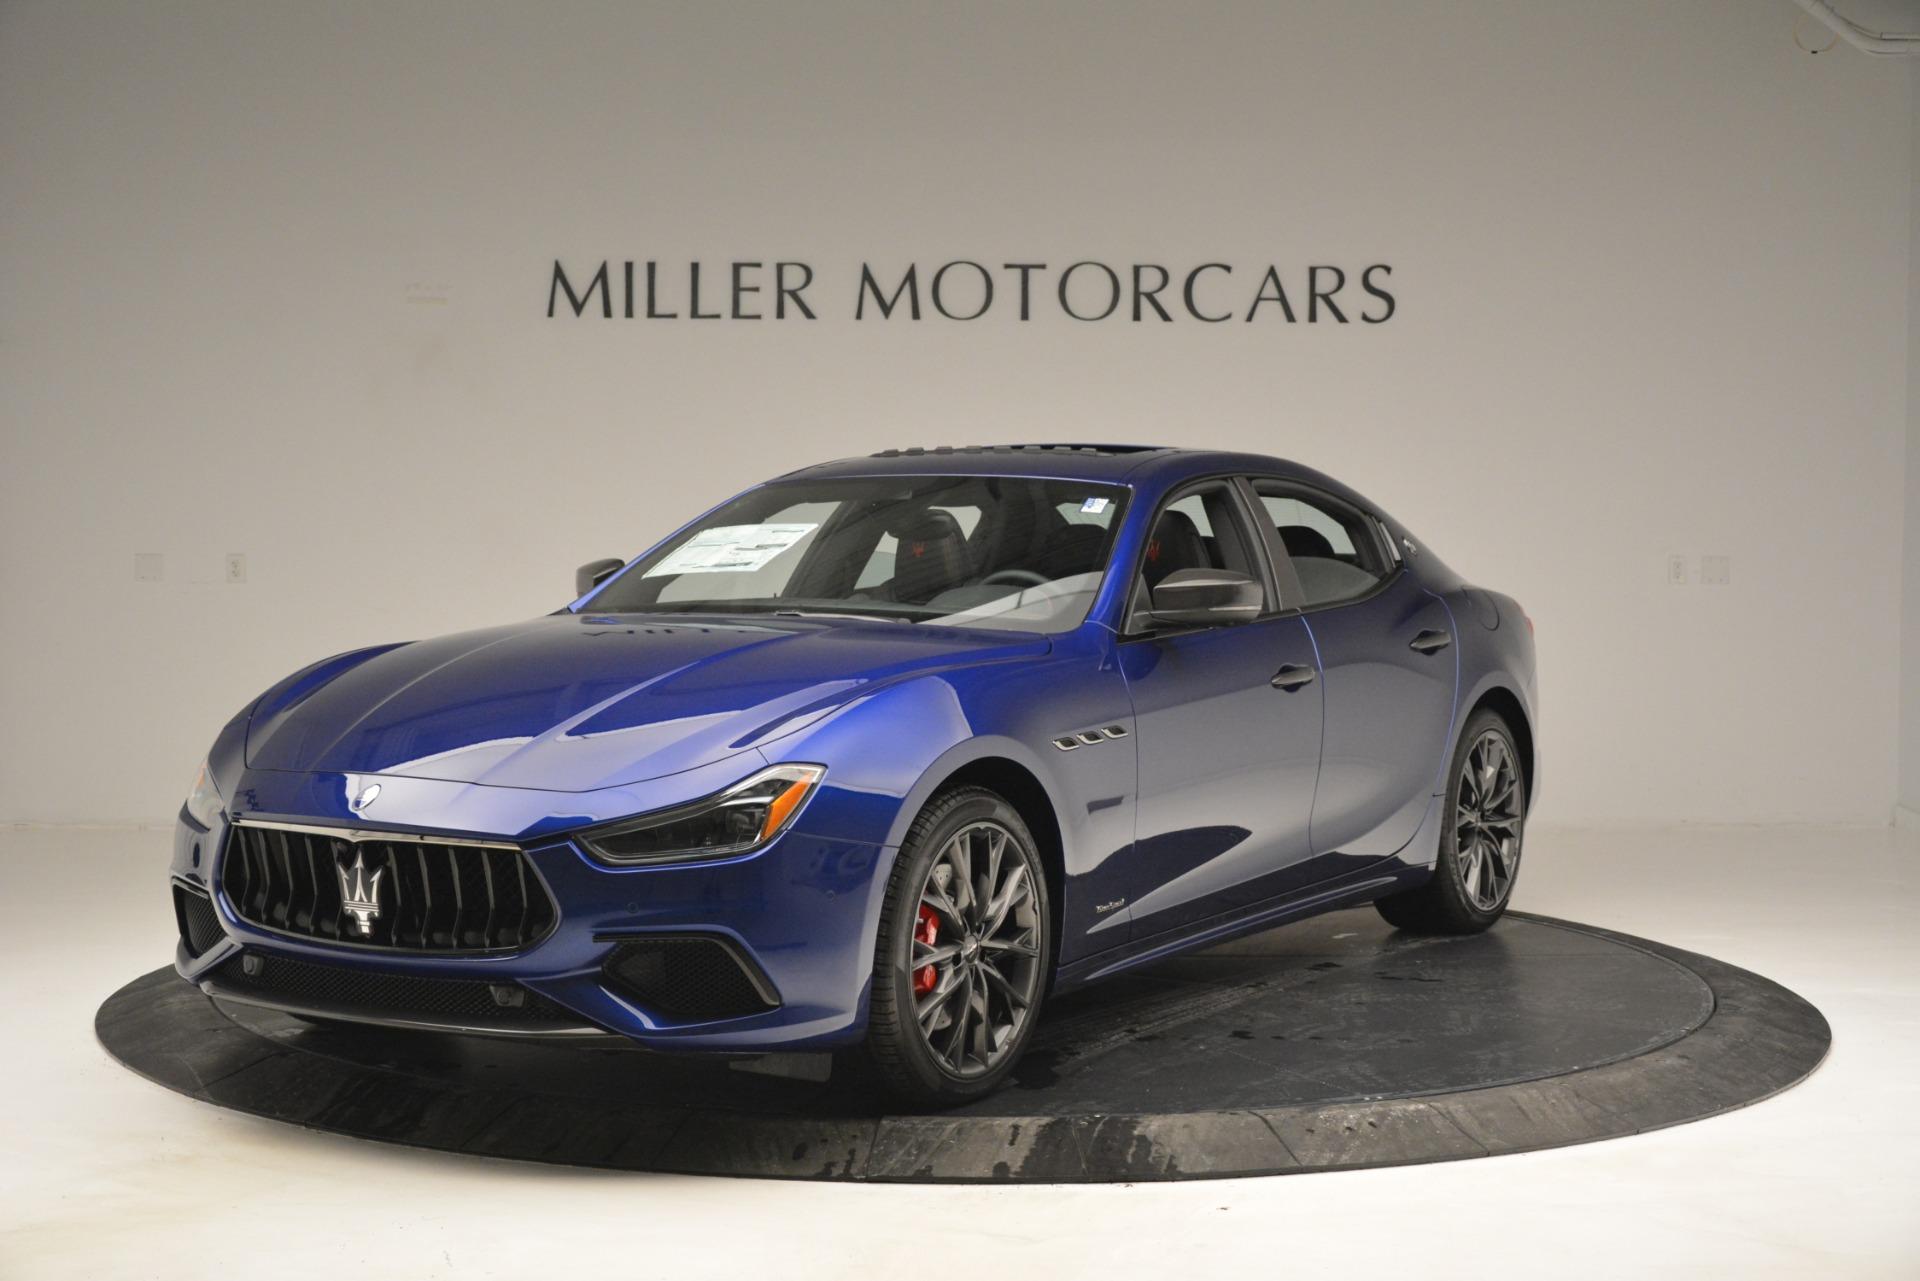 New 2019 Maserati Ghibli S Q4 GranSport For Sale In Westport, CT 2928_main